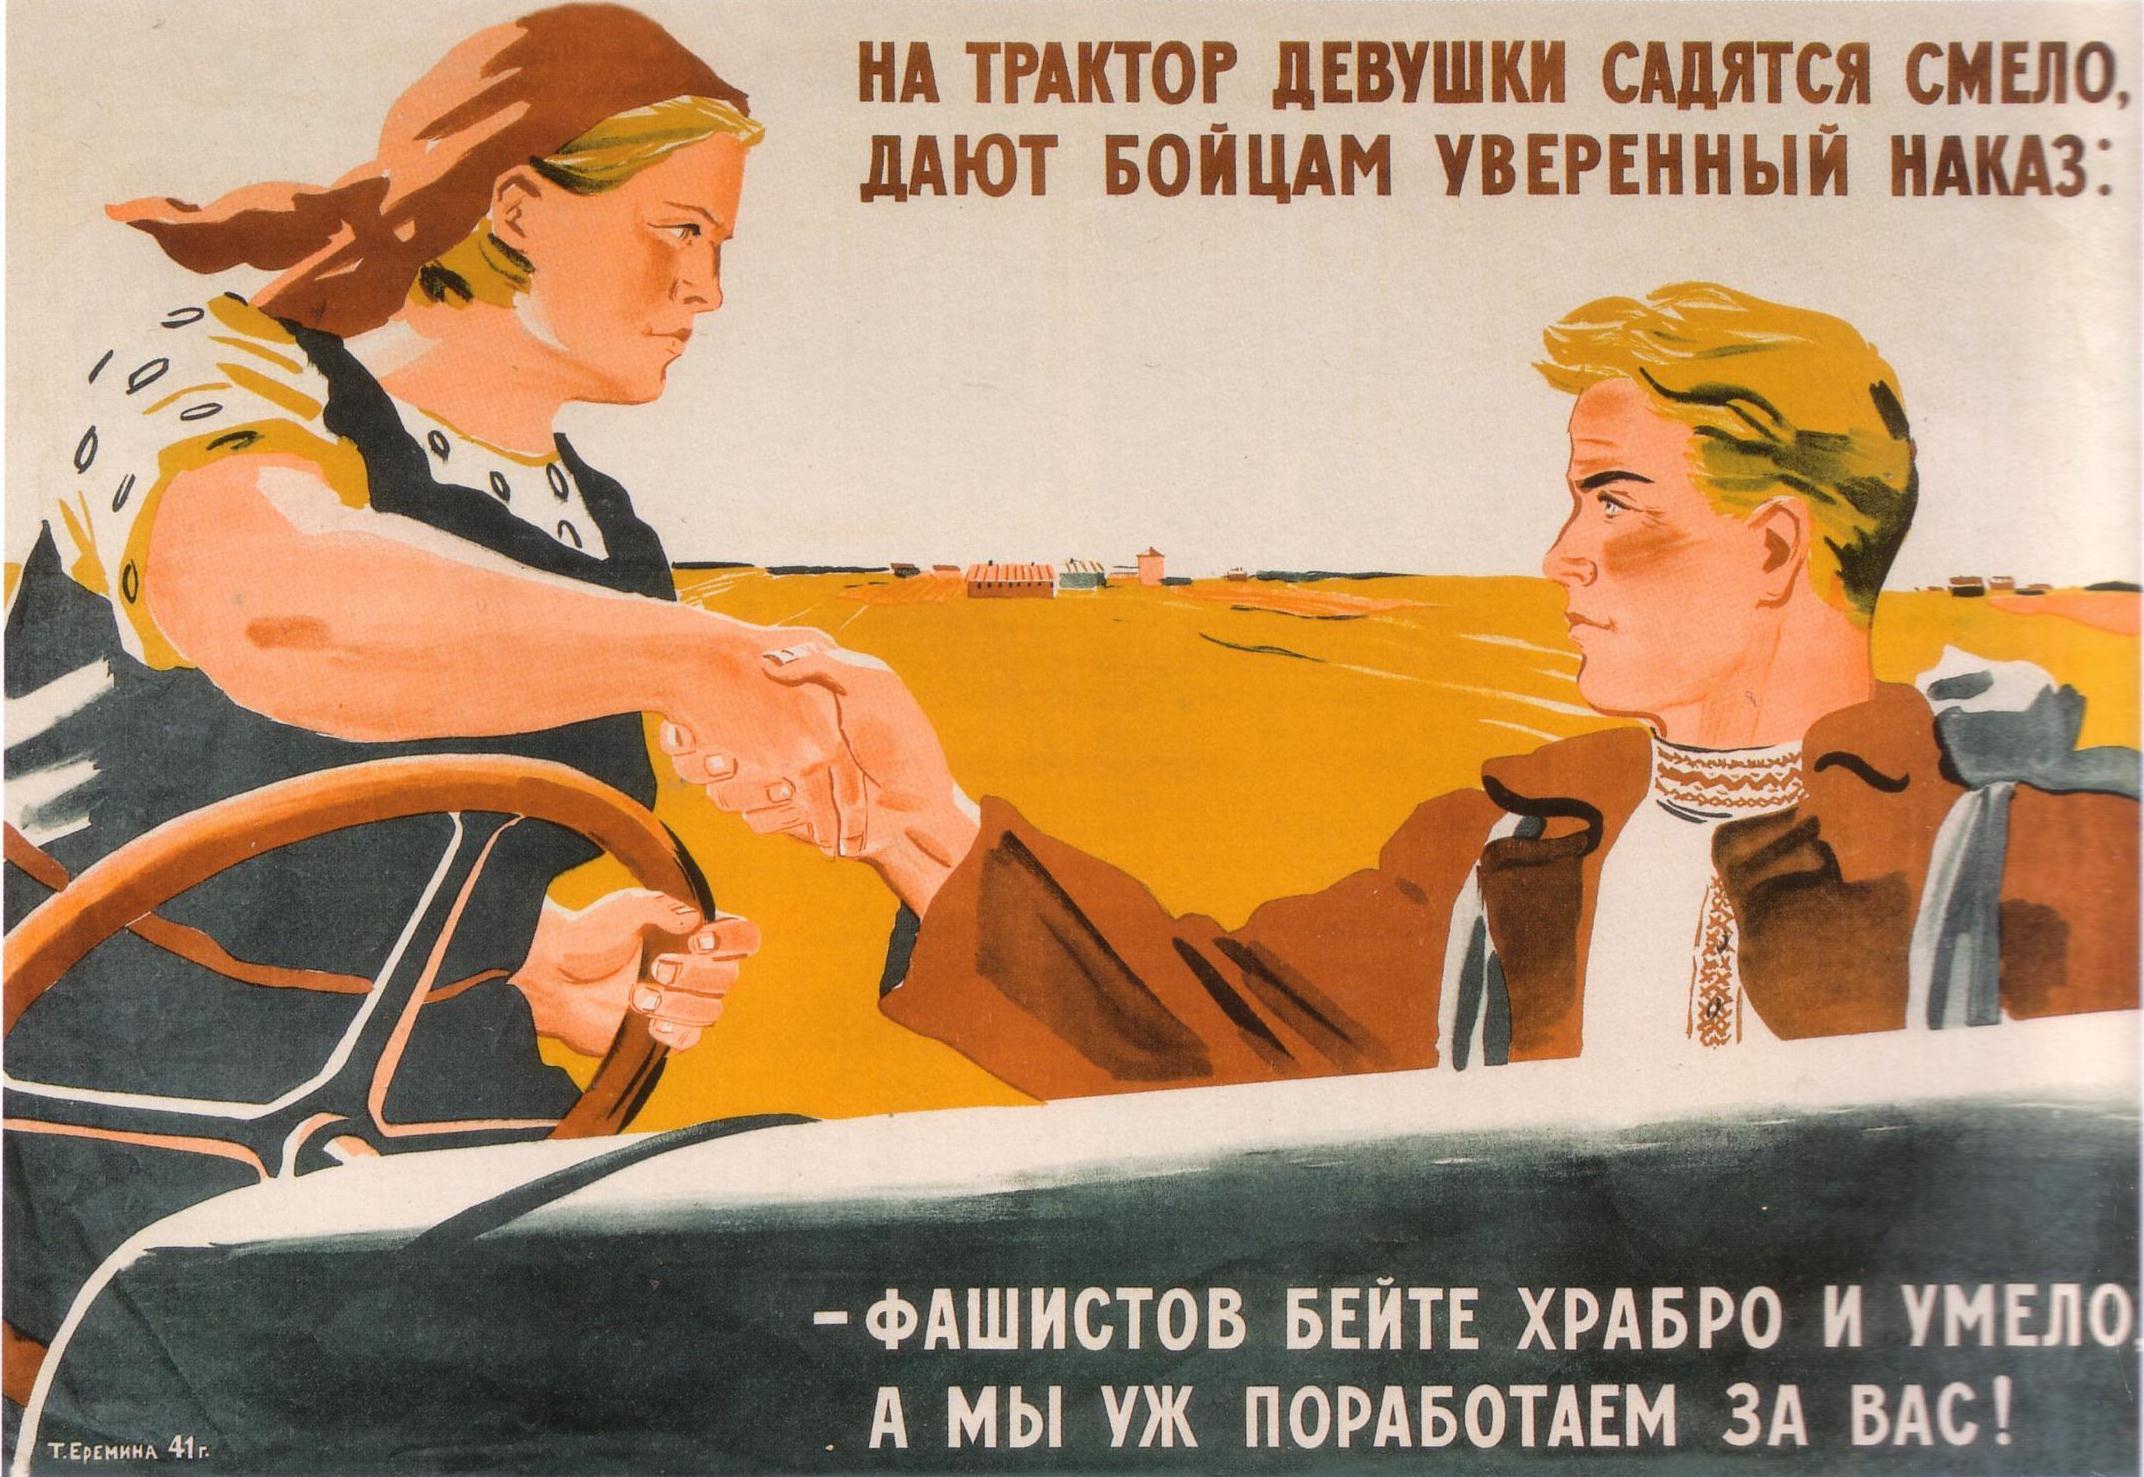 На трактор девушки садятся смело... Автор: Т. Еремина Год: 1941 Текст на плакате: На трактор девушки садятся смело, / Дают бойцам уверенный наказ: / — Фашистов бейте храбро и умело, / А мы уж поработаем за вас!